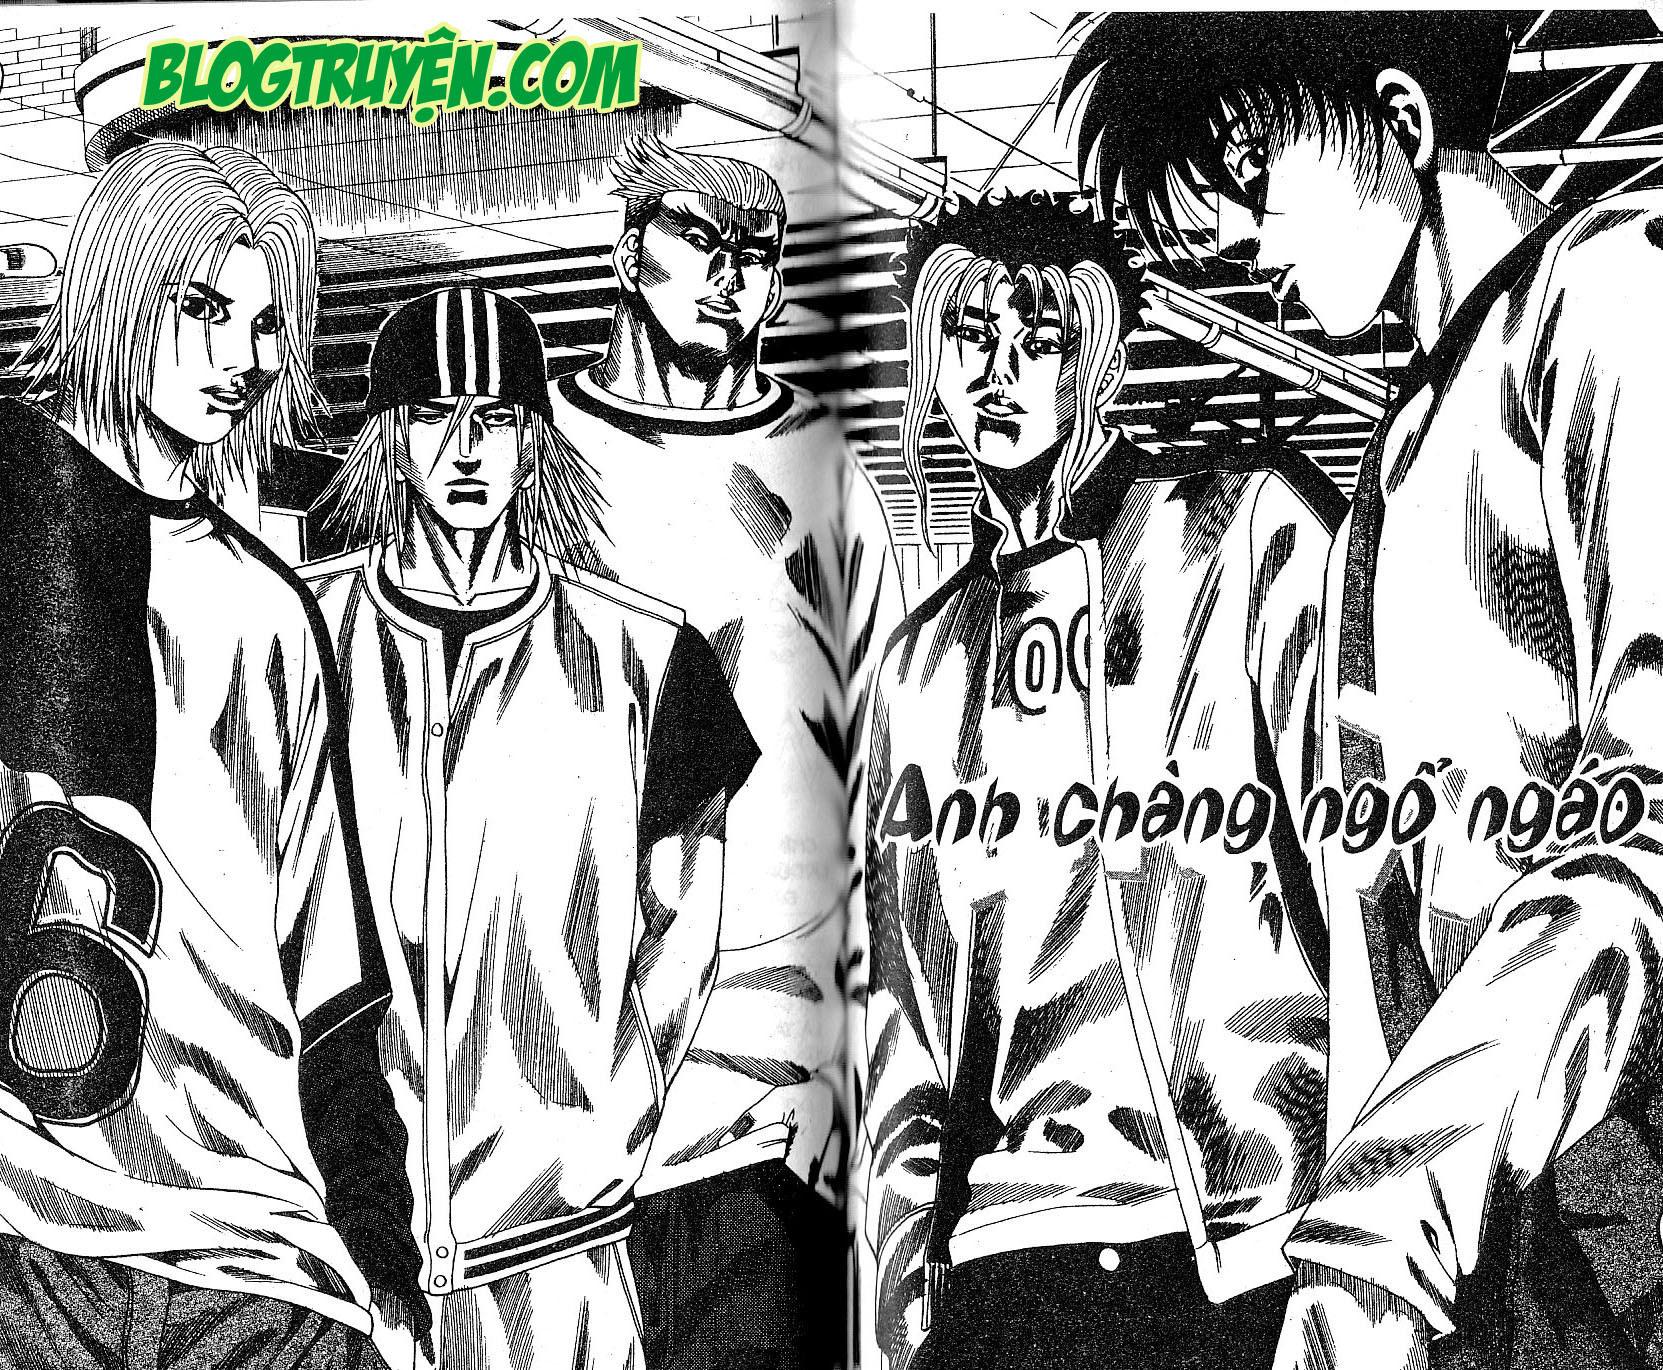 Bitagi - Anh chàng ngổ ngáo chap 124 trang 20